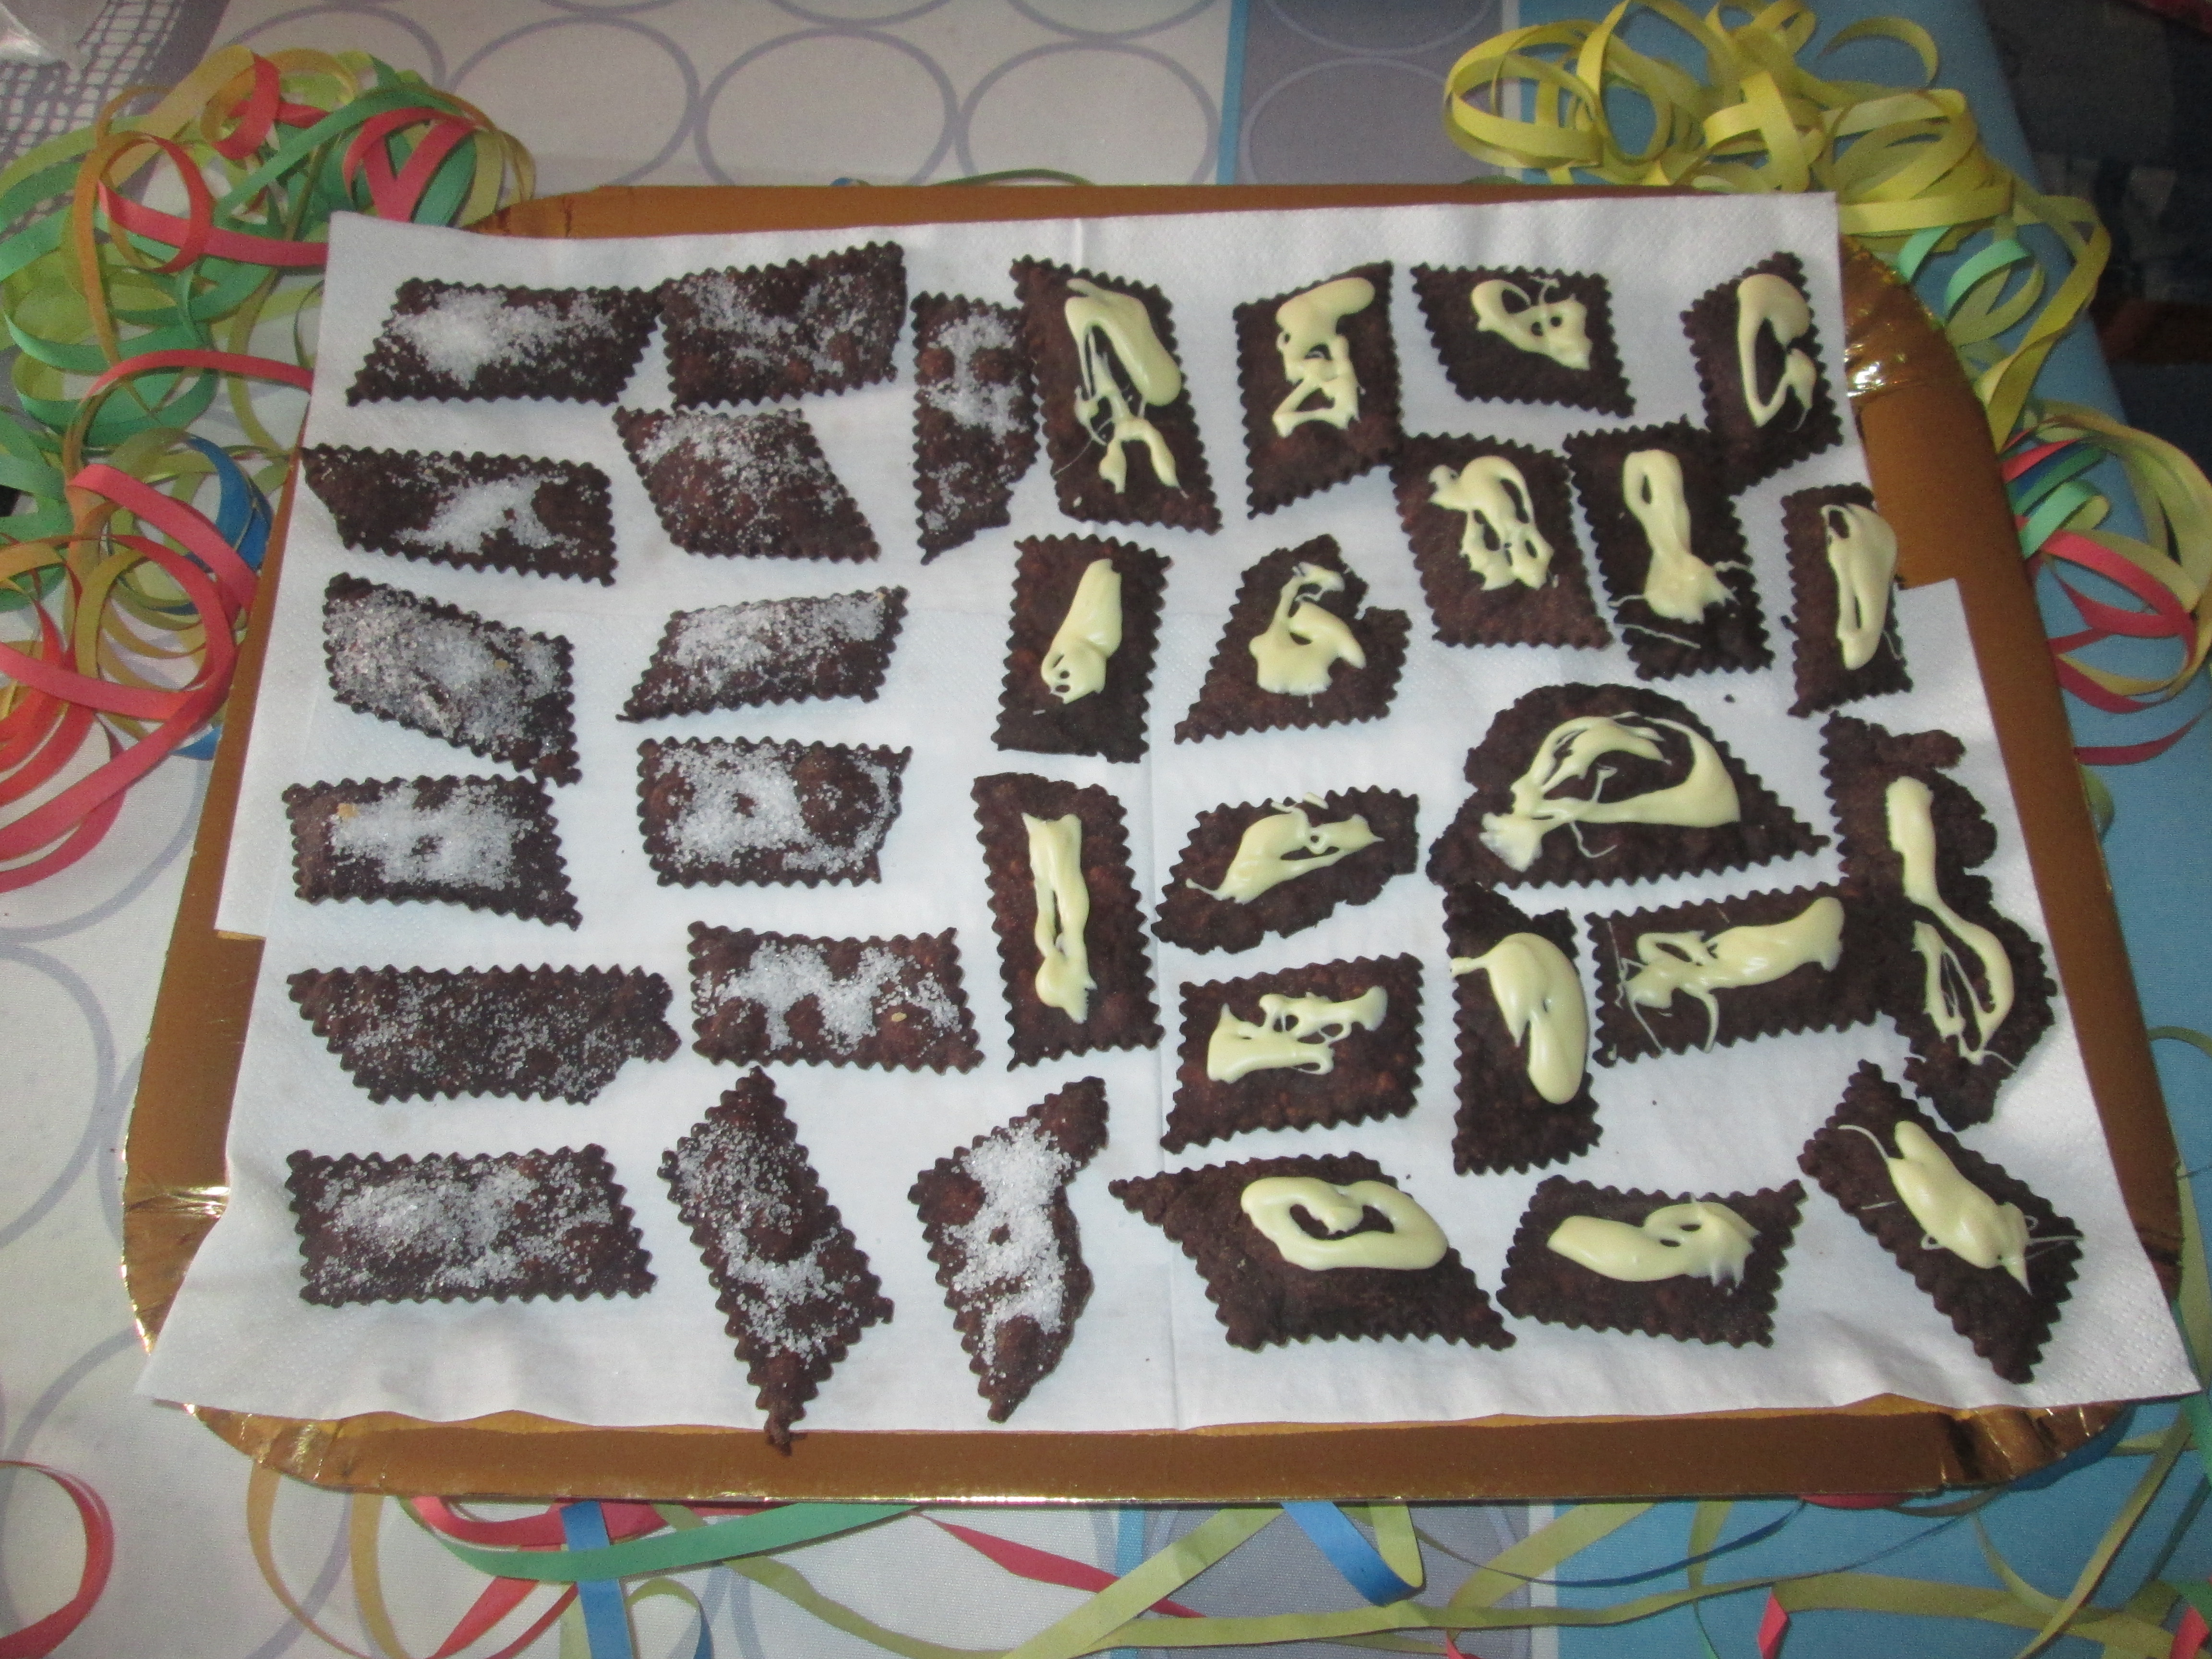 Bugie di carnevale al cacao la cucina azzurra di francesca for La cucina di francesca valmadonna